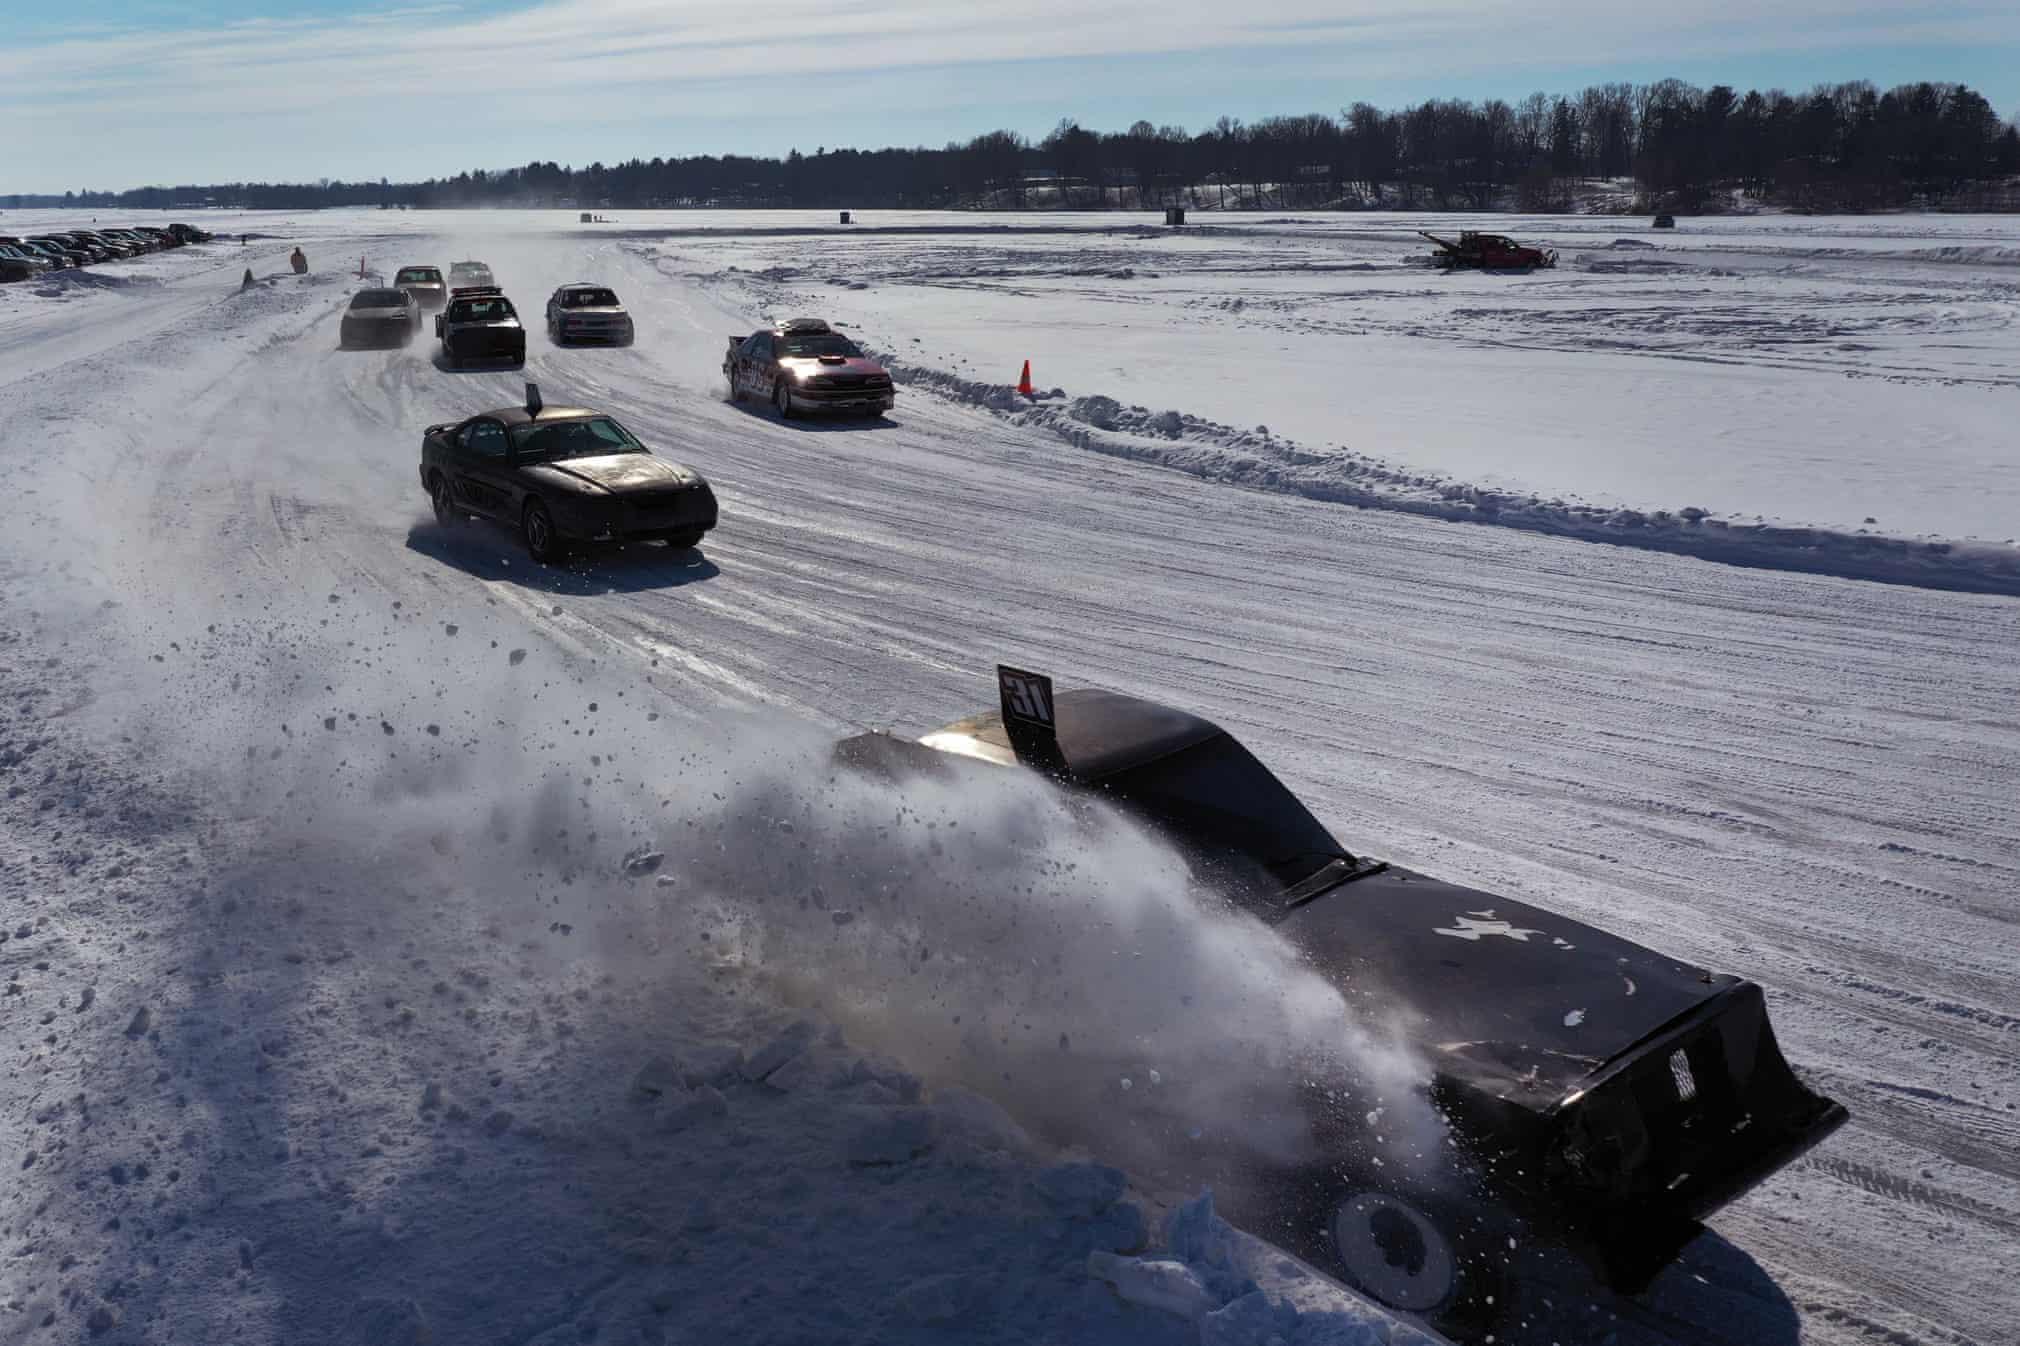 مسابقه اتومبیلرانی روی دریاچه یخ زده + عکس